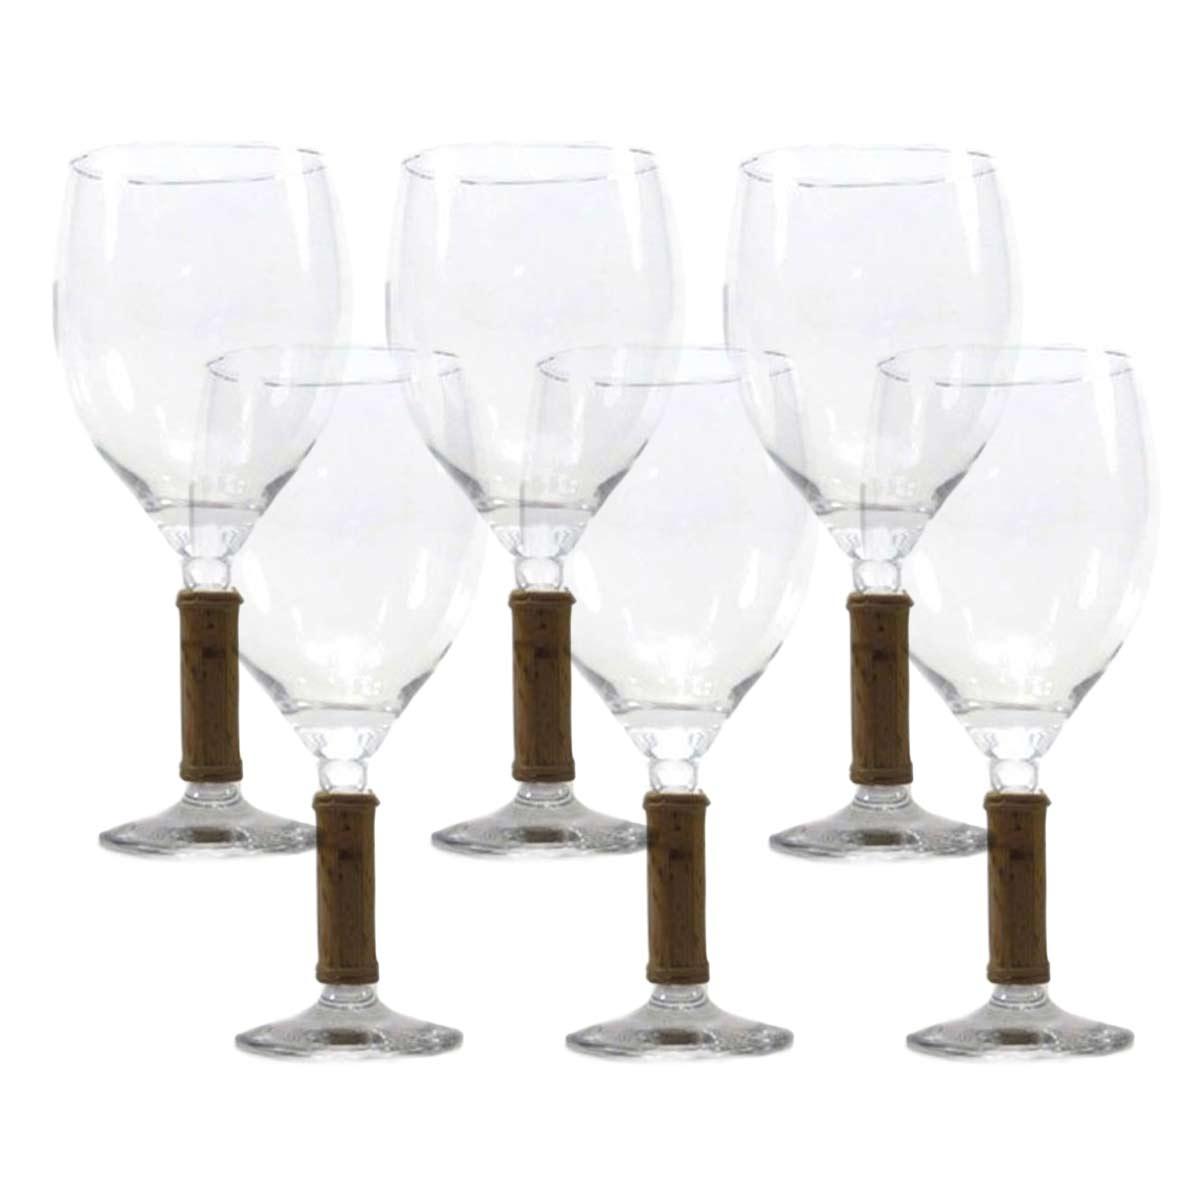 Jogo 6 Taças para Vinho Sonia Pierry 500ml  - Lemis